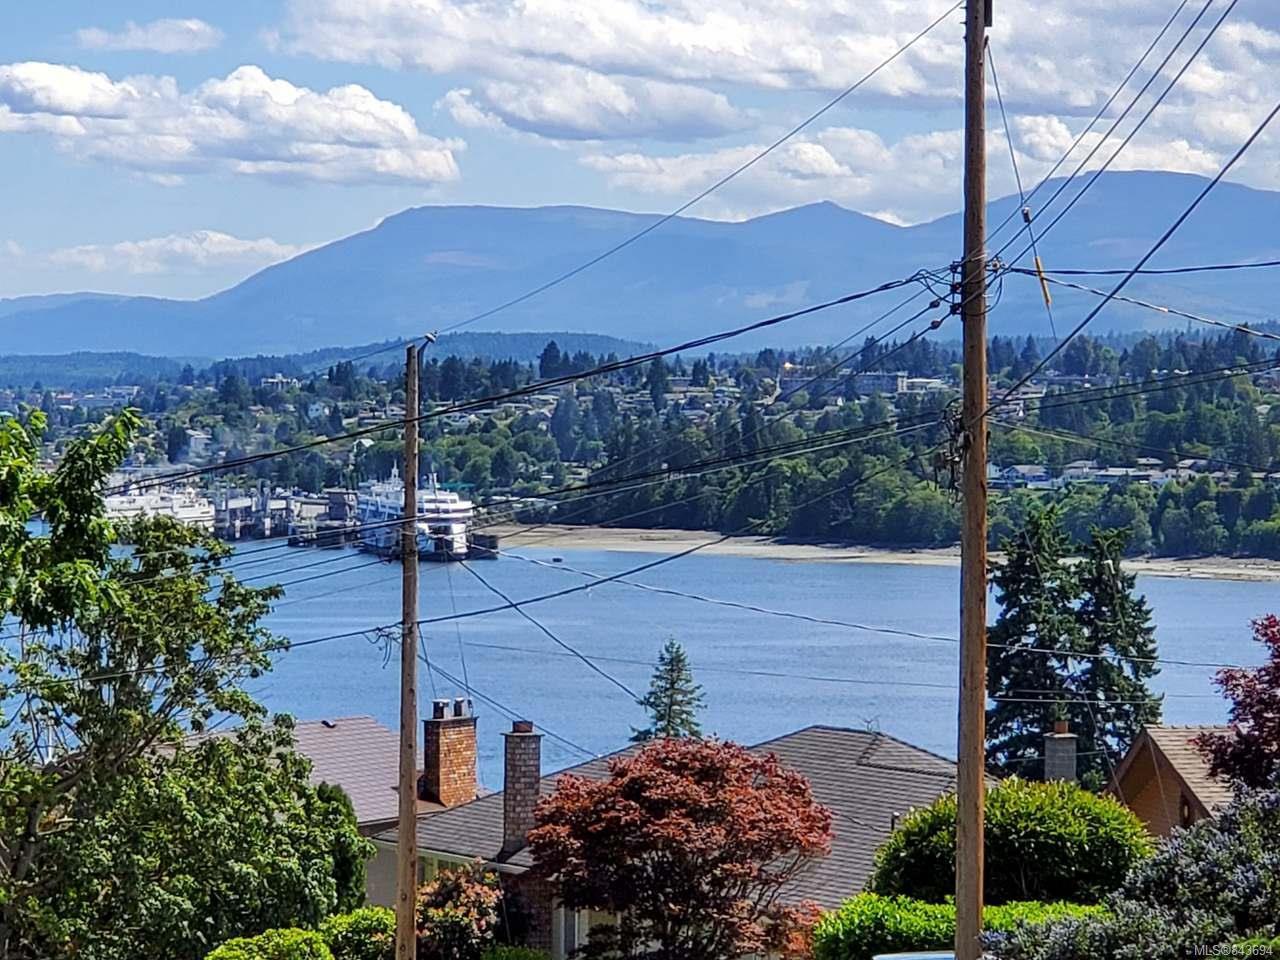 Main Photo: 270 Prince John Way in NANAIMO: Na Departure Bay Land for sale (Nanaimo)  : MLS®# 843694